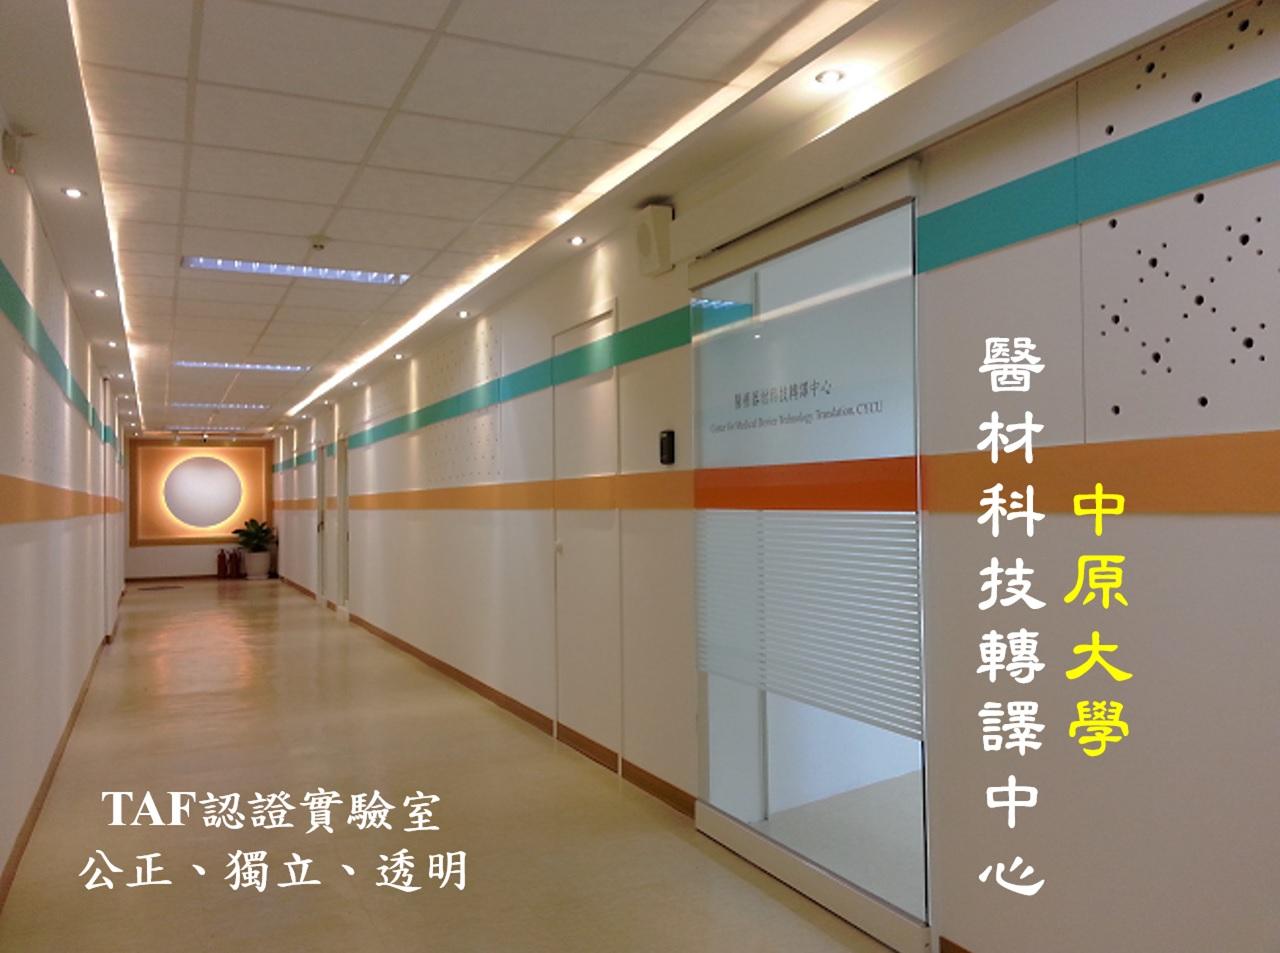 本校「醫療器材科技轉譯中心」 通過TAF測試實驗室國際認證